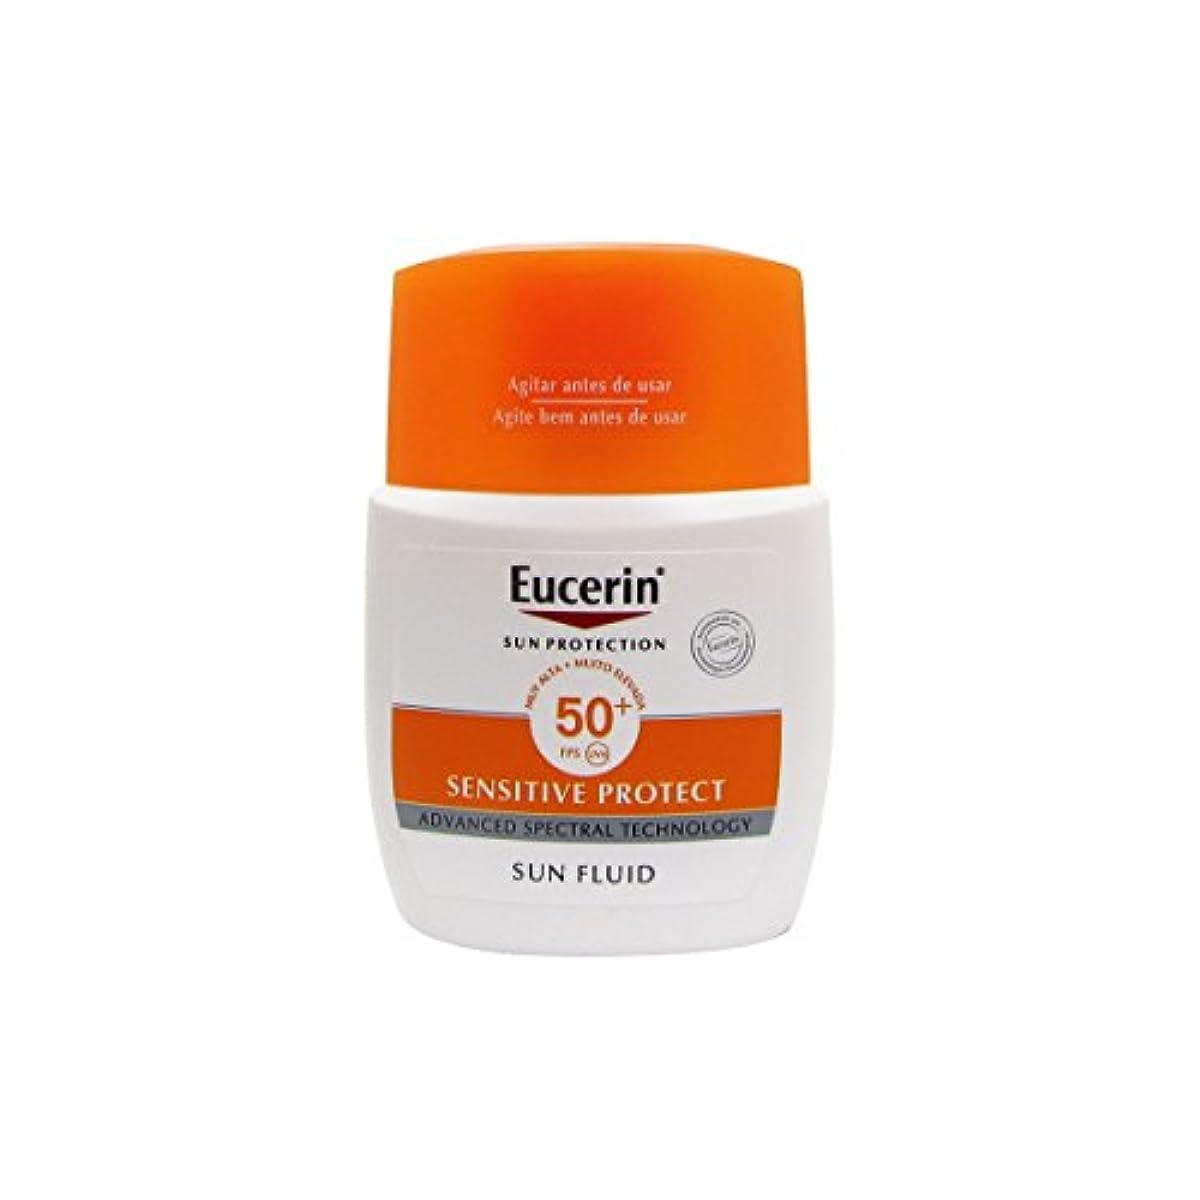 群れブランデーグレーEucerin Sun Mattifying Fluid Spf50+ 50ml [並行輸入品]